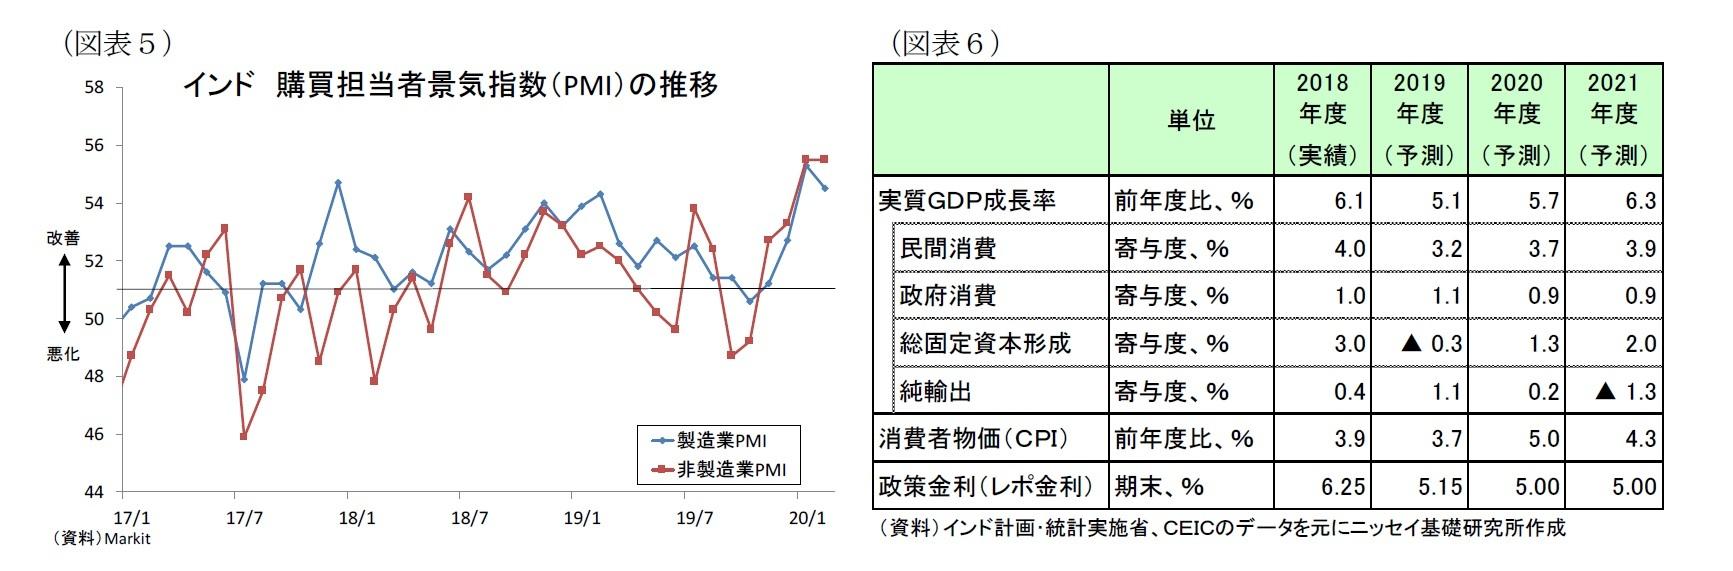 (図表5)インド購買担当者景気指数(PMI)の推移/(図表6)経済予測表